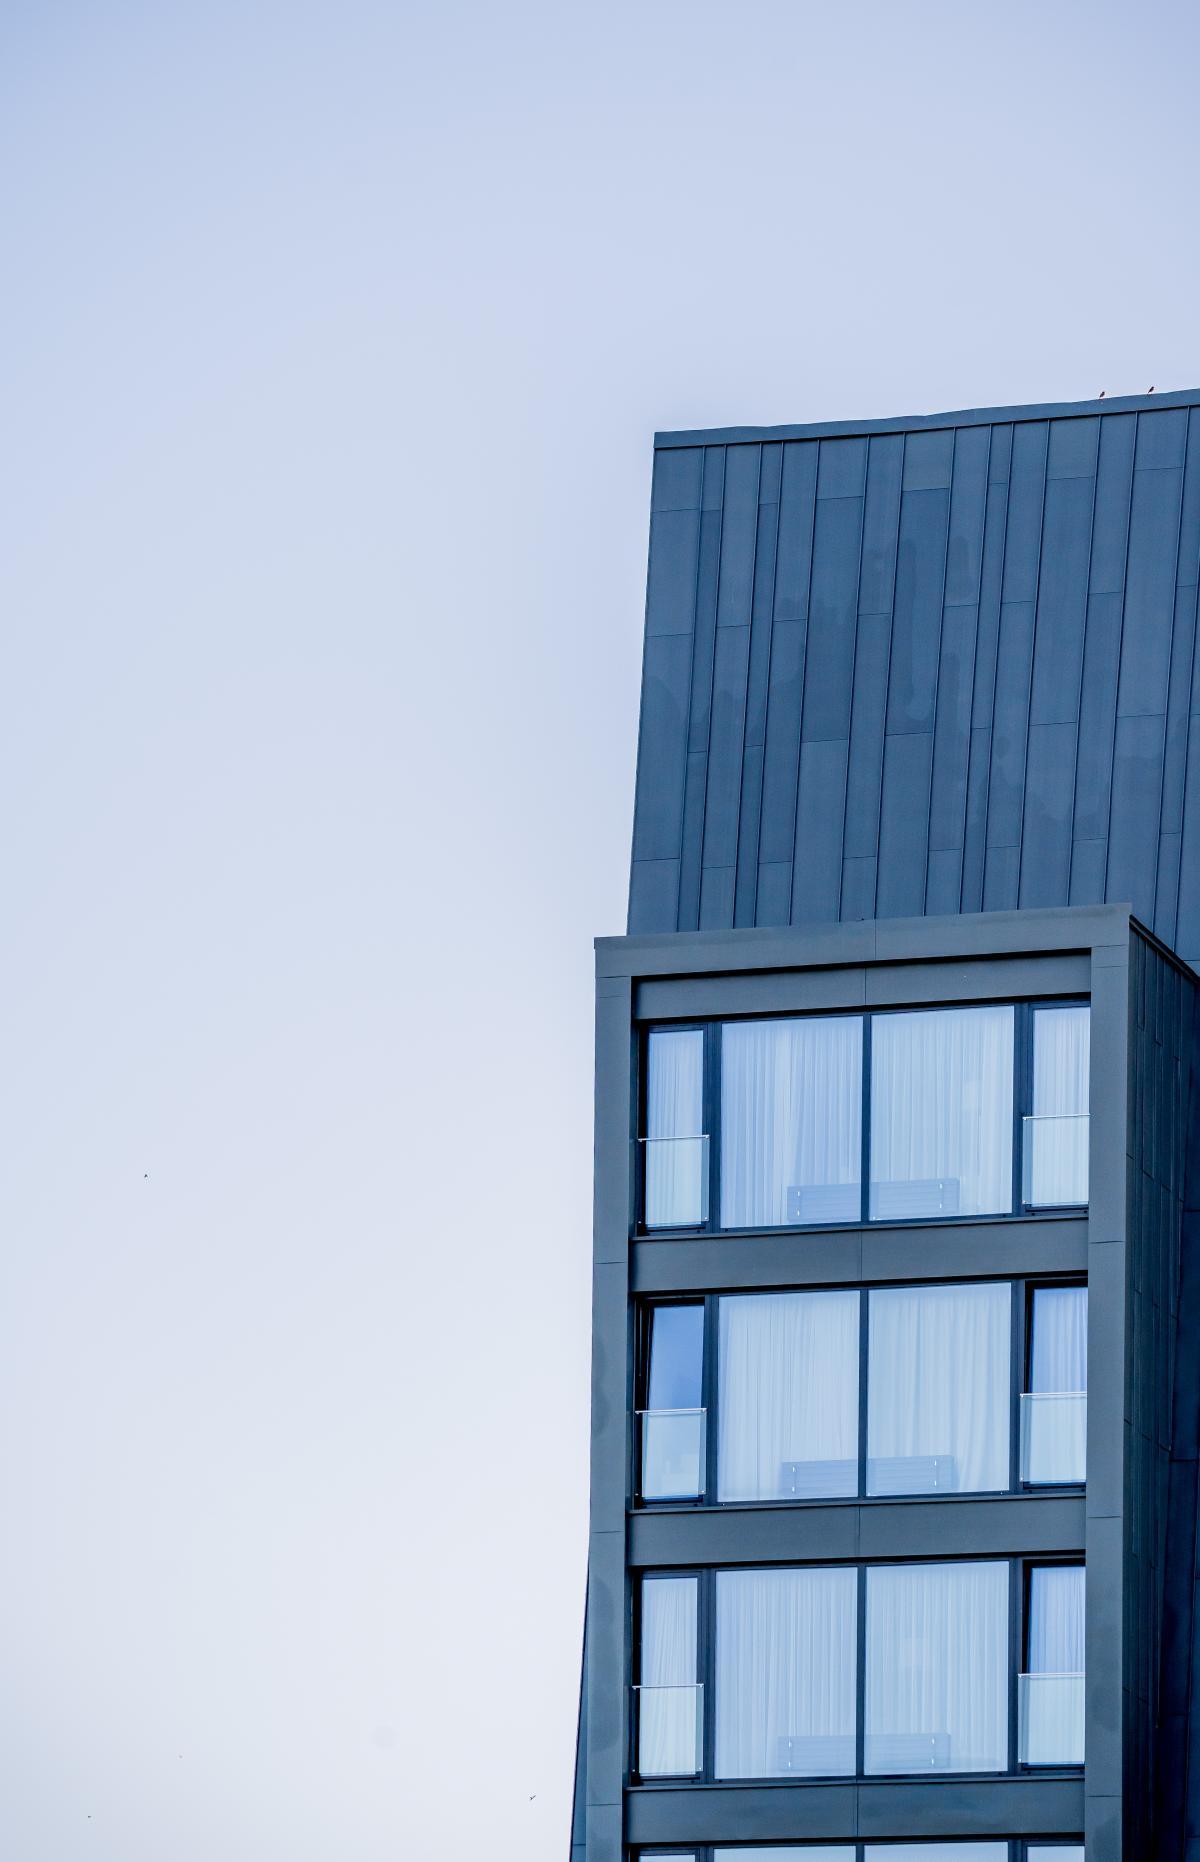 Architecture Building City